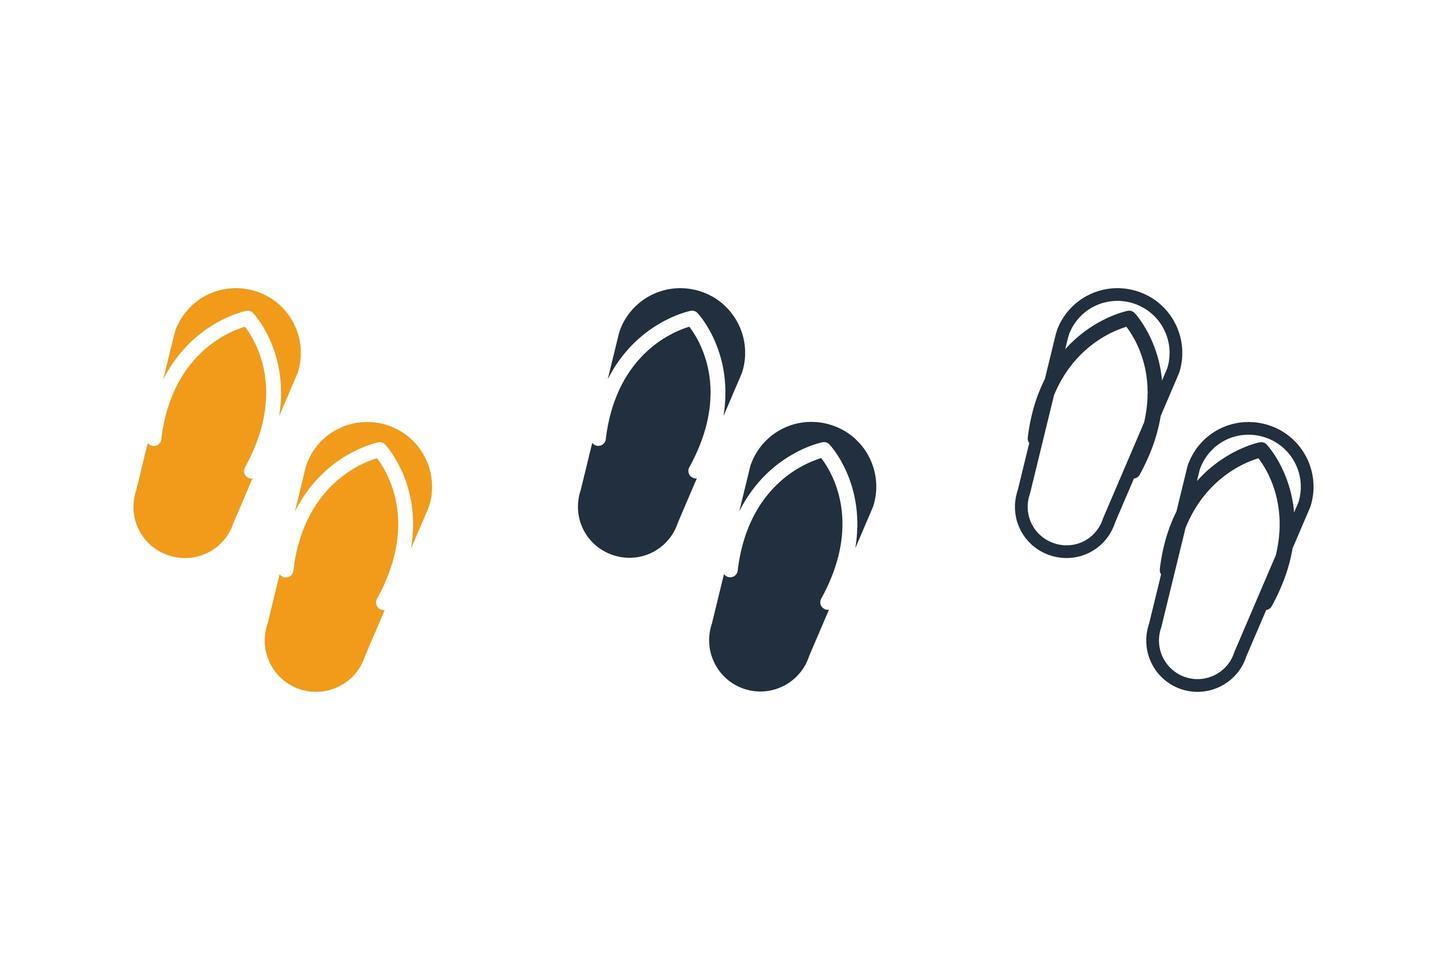 conjunto de conjunto de iconos de zapatillas vector